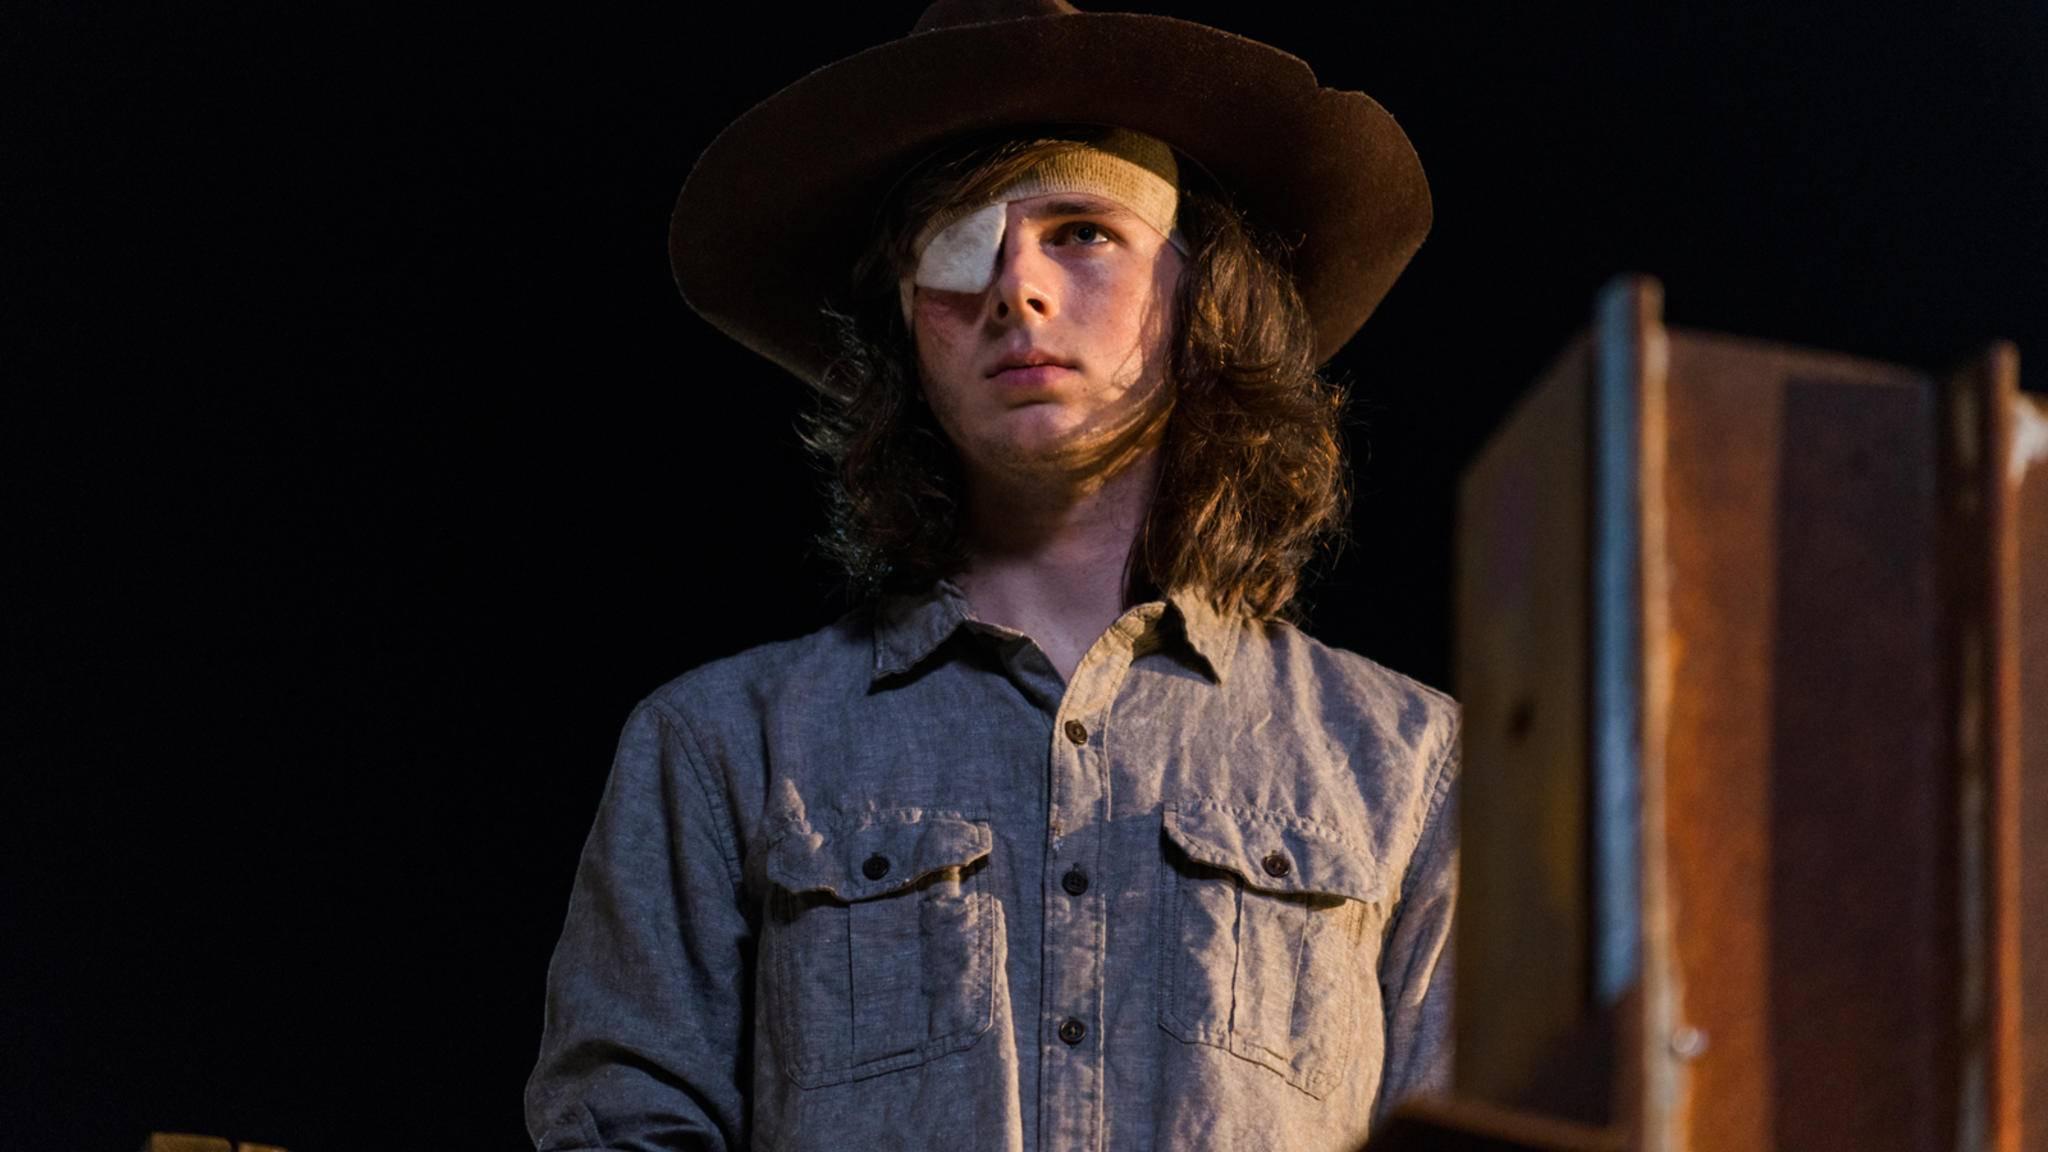 Carl wird für Staffel 8 auch nach seinem Tod wichtig bleiben.